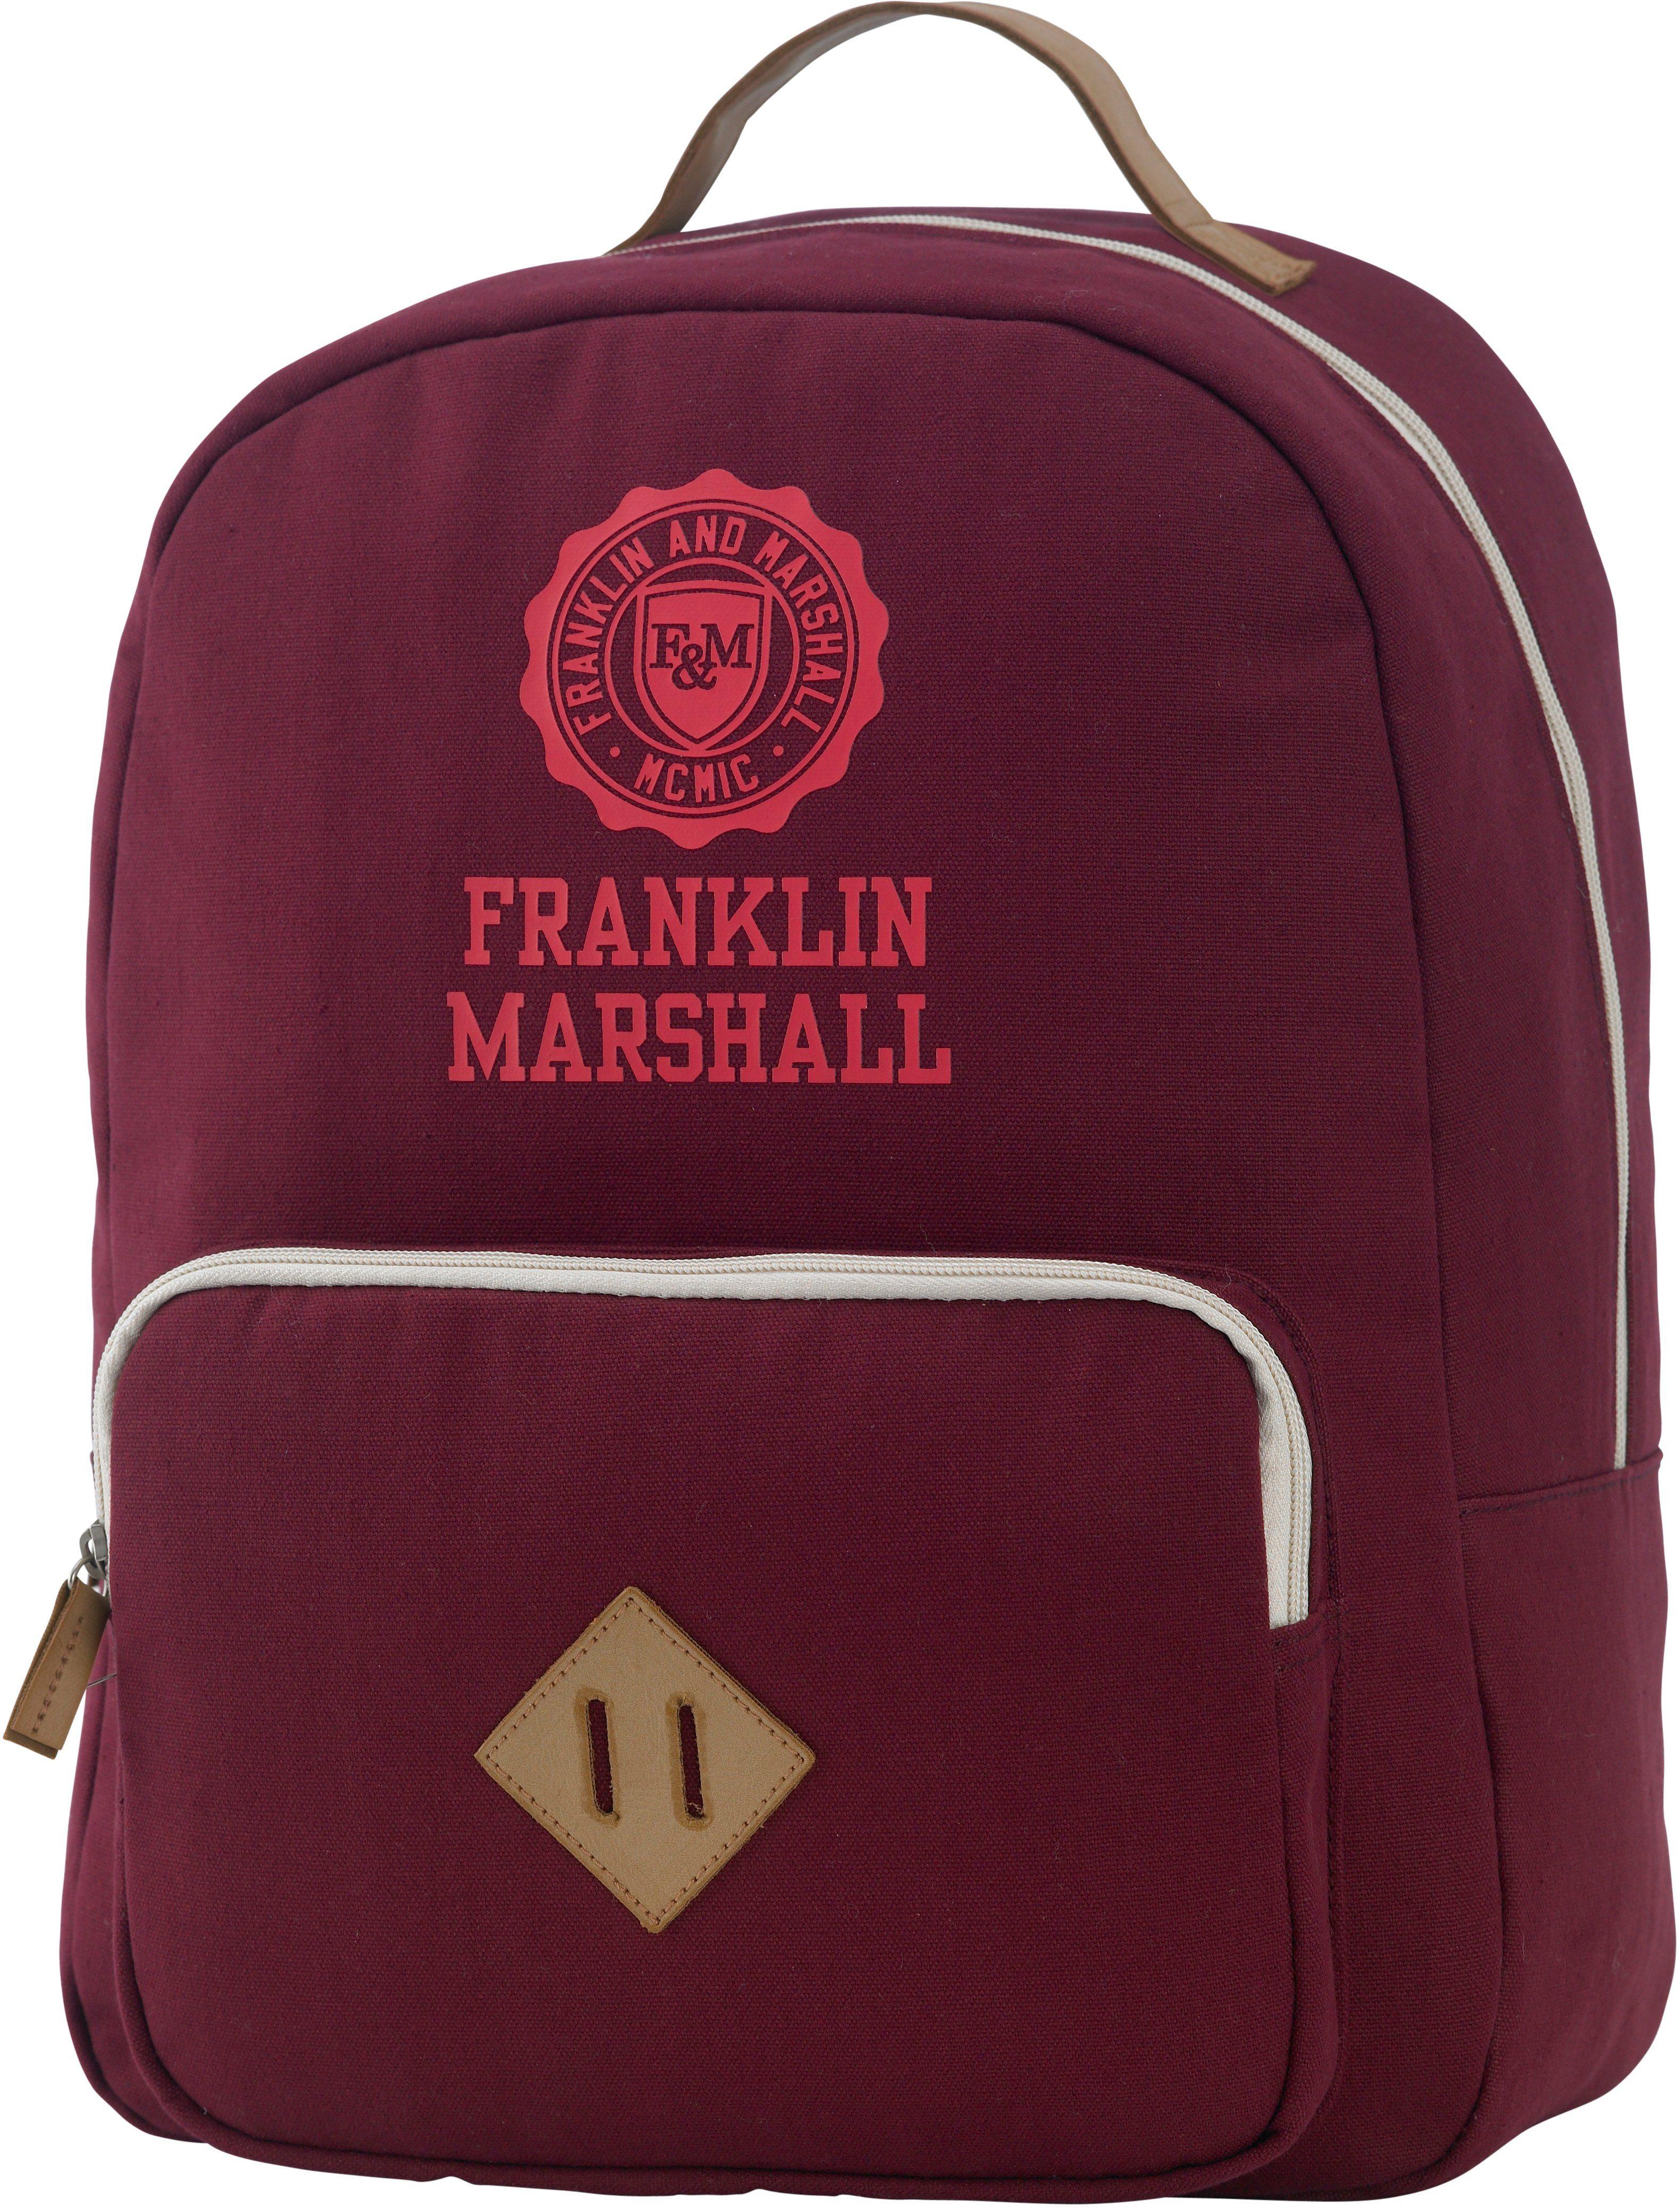 Rucksack mit gepolstertem Laptopfach, »Franklin & Marshall, Girls Backpack, bordeaux rot«